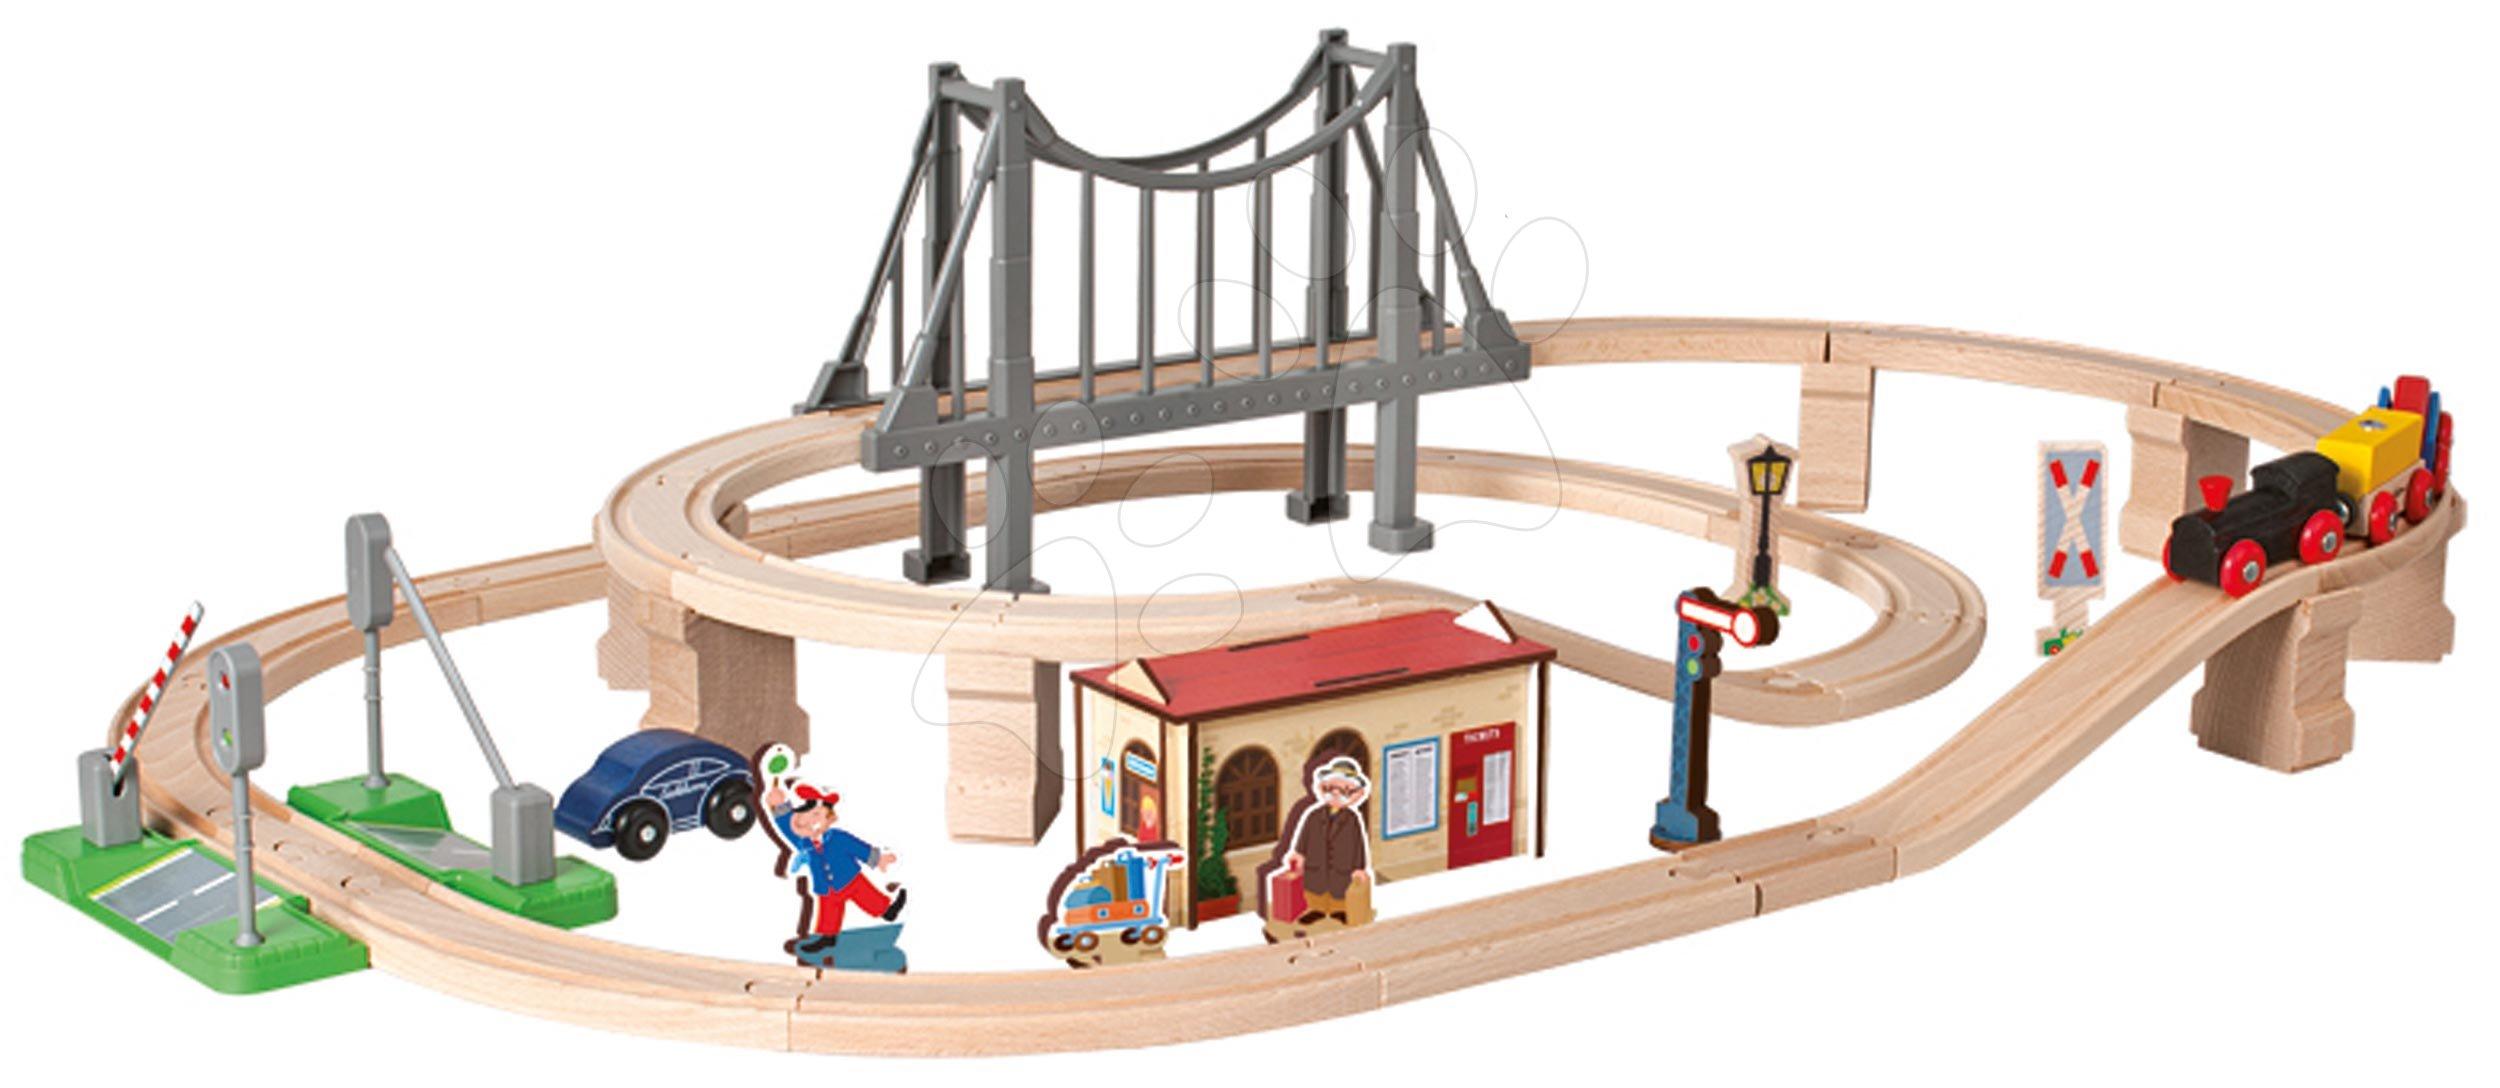 Cale ferată din lemn cu gară Train Set with Bridge Eichhorn cu 5 vagoane pod și accesorii 54 piese 450 cm lungimea șinelor de la 3 ani